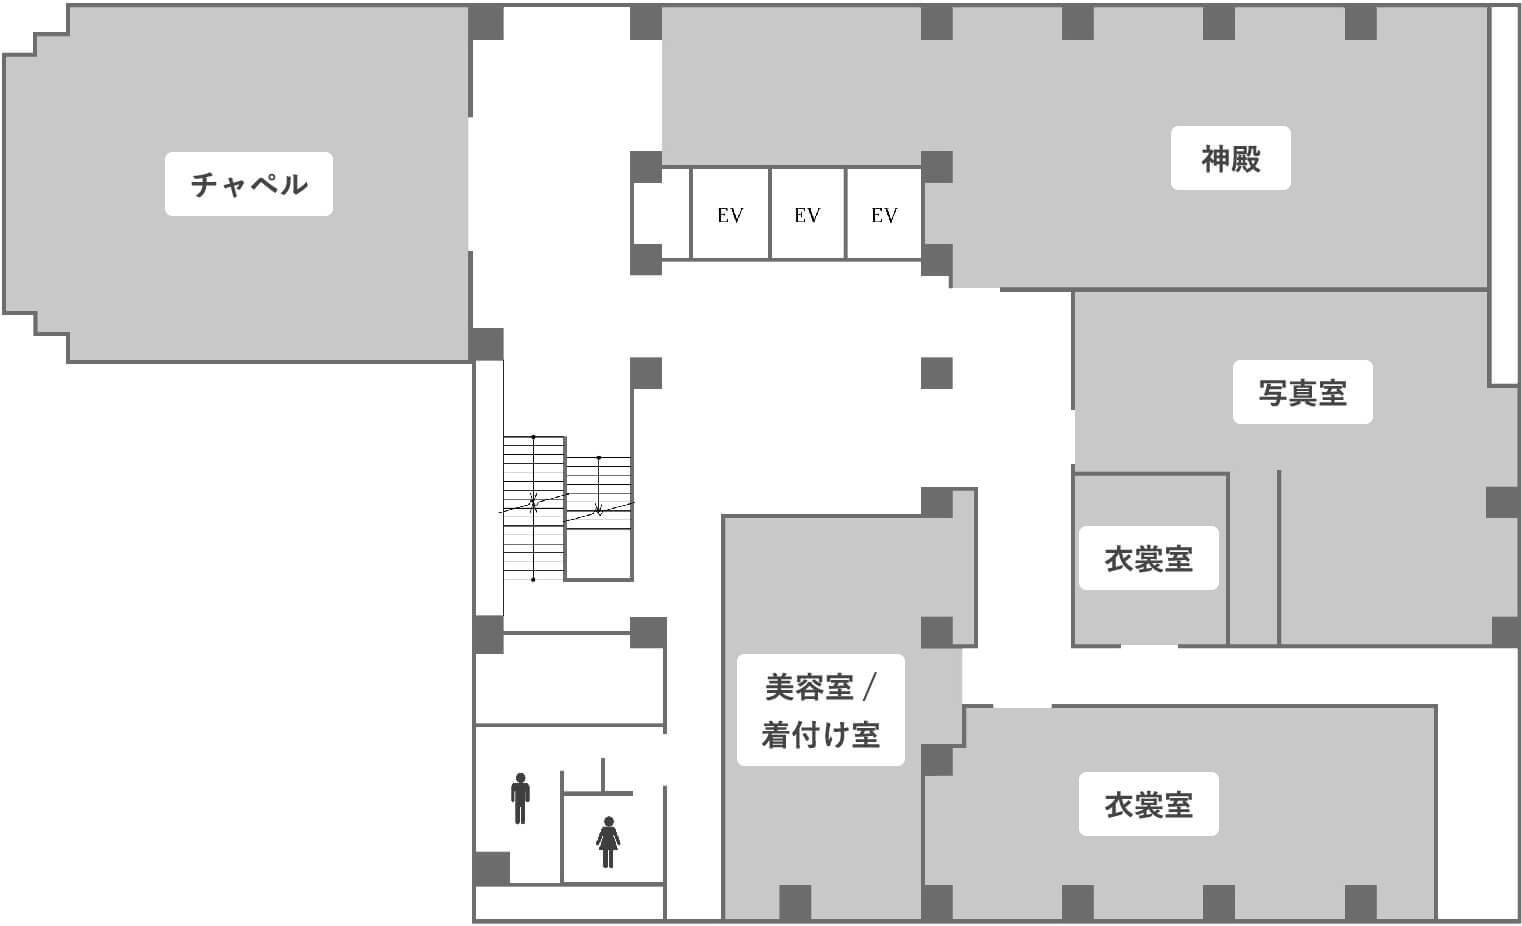 5階のフロアマップ画像